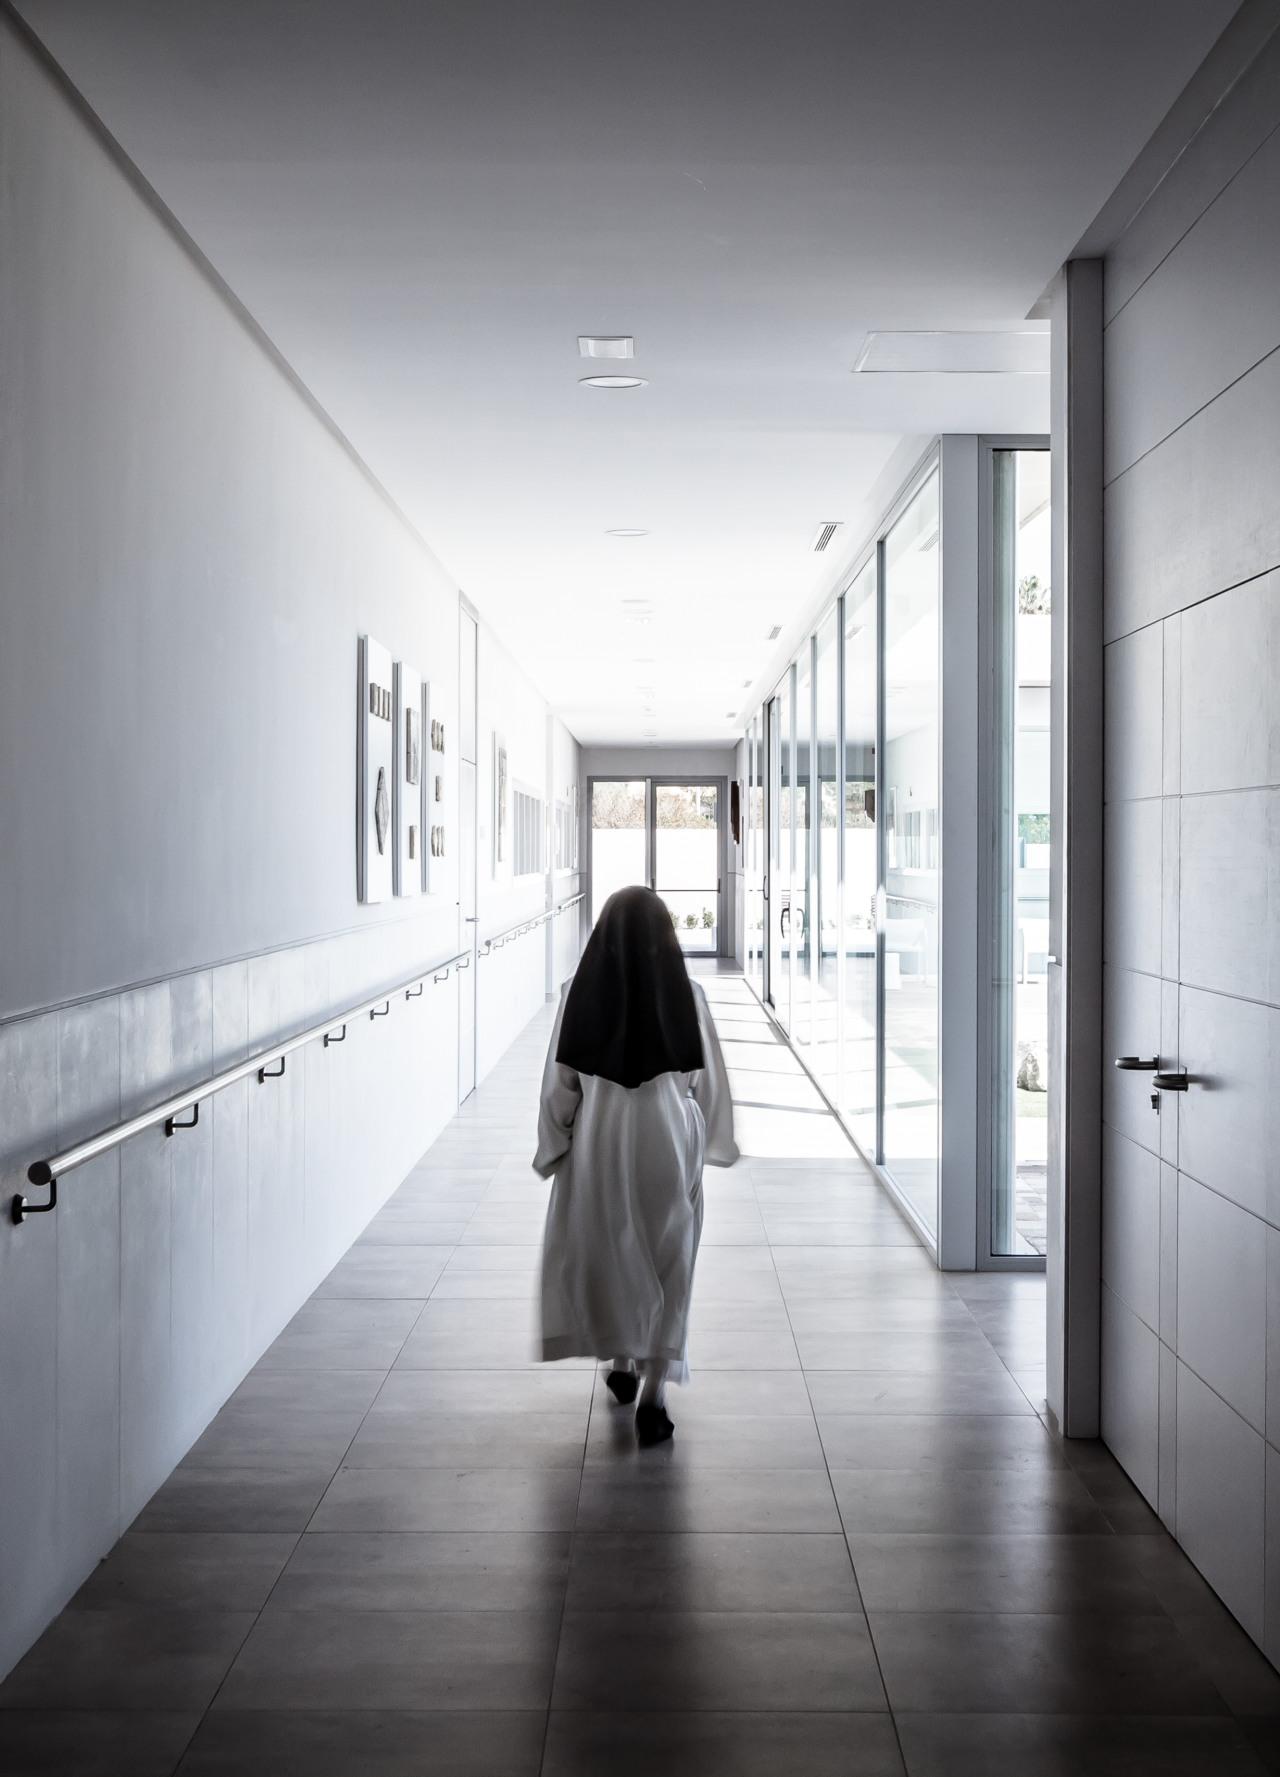 fotografia-arquitectura-valencia-german-cabo-hernandez-monasterio (27)